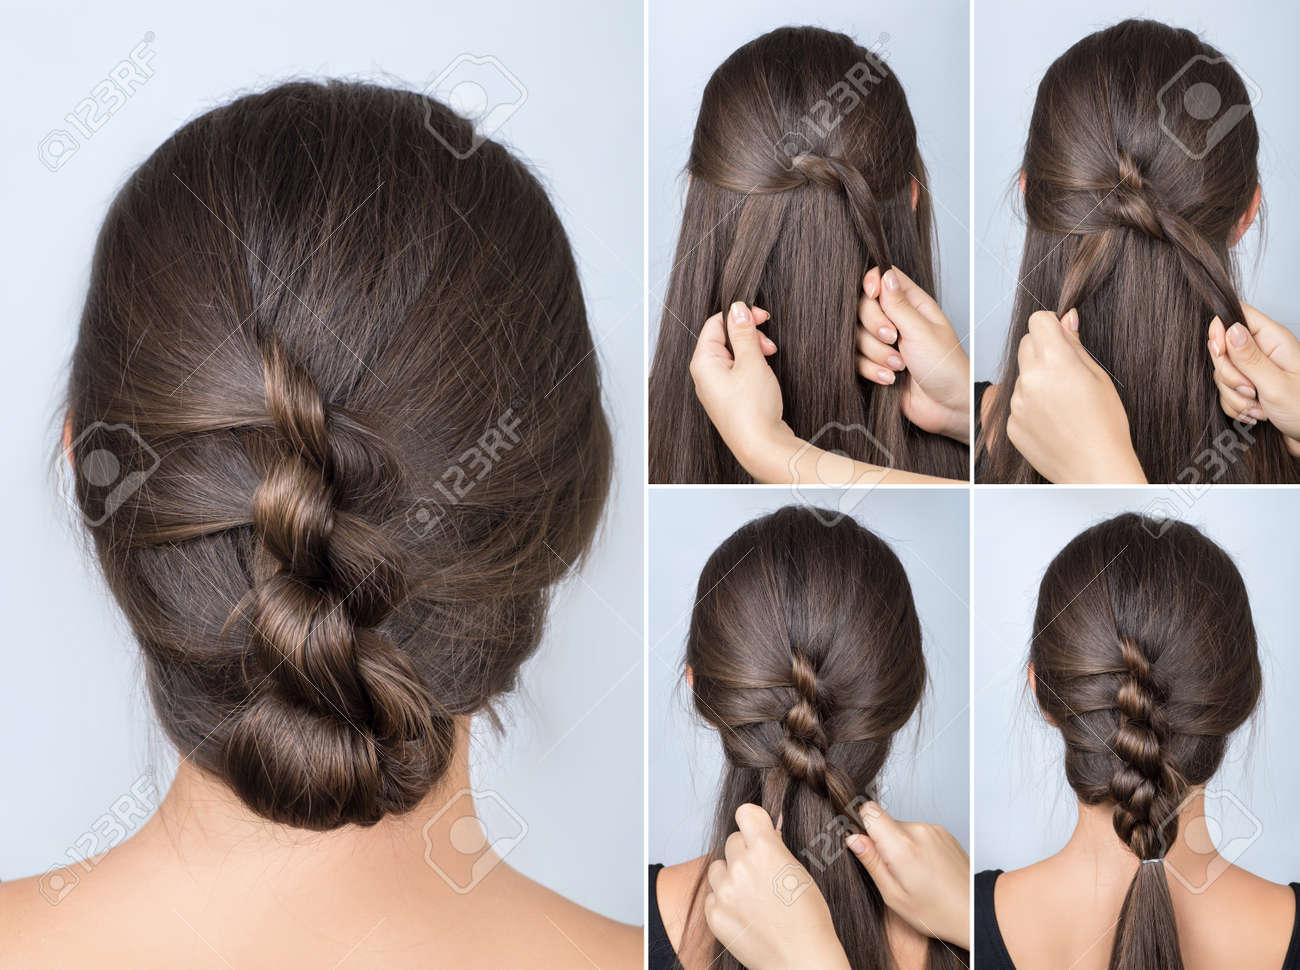 Tutoriel Simple Coiffure Torsadee Coiffure Facile Pour Les Cheveux